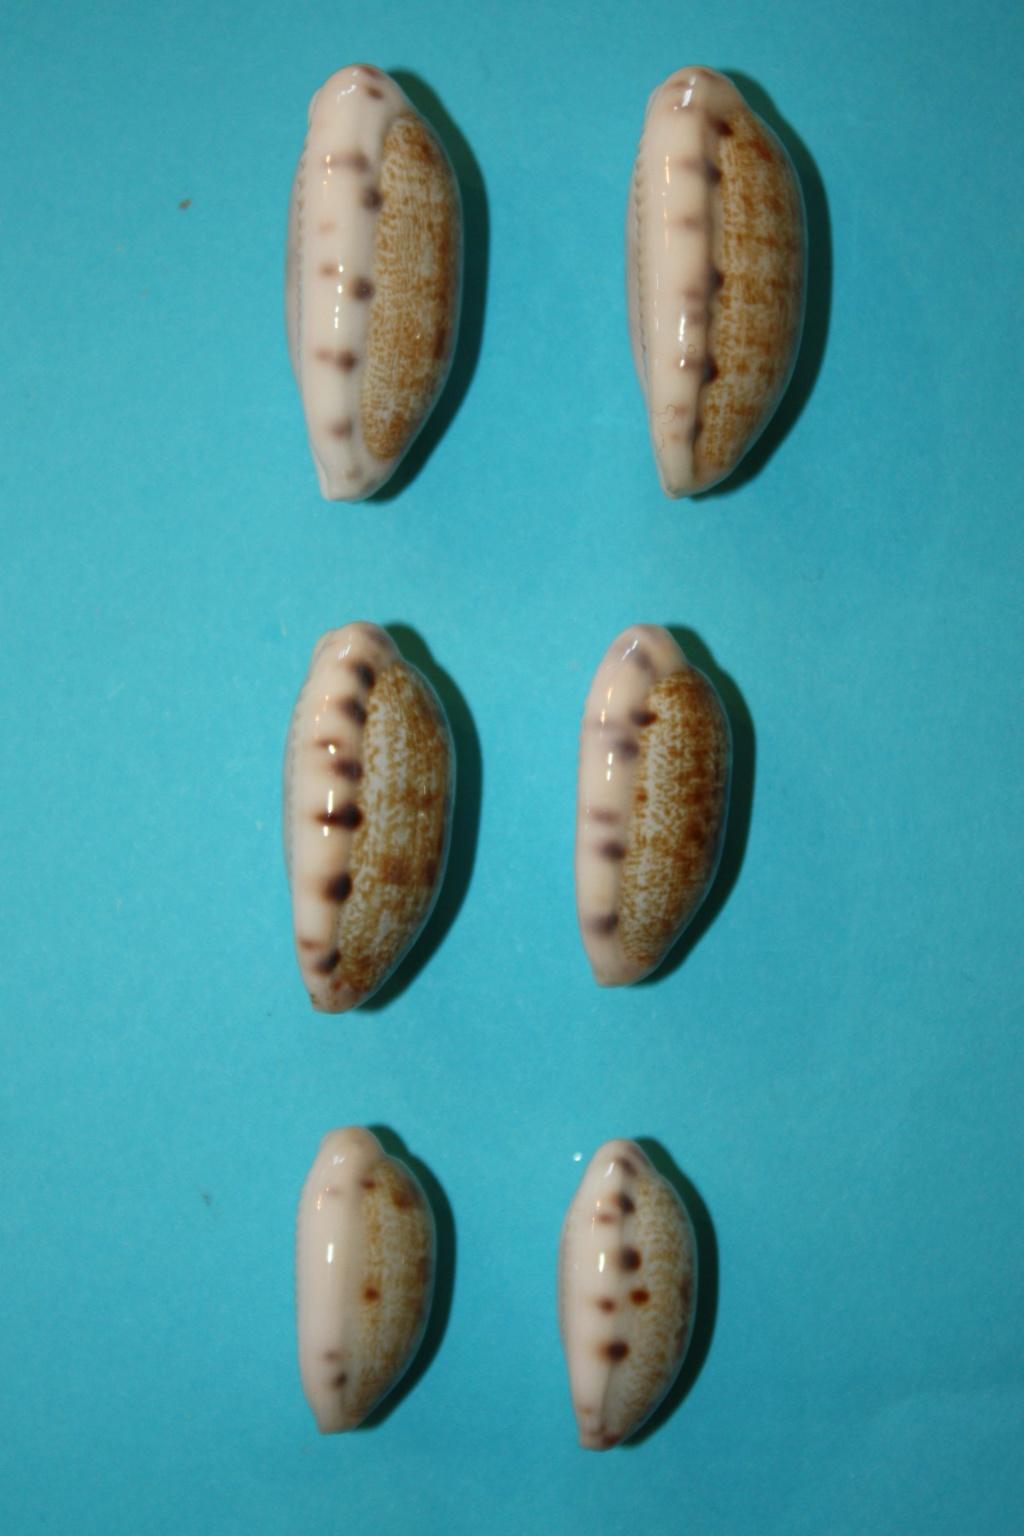 Talostolida pellucens pellucens - (Melvill, 1888) & Talostolida teres teres (Gmelin, 1791) Img_0330